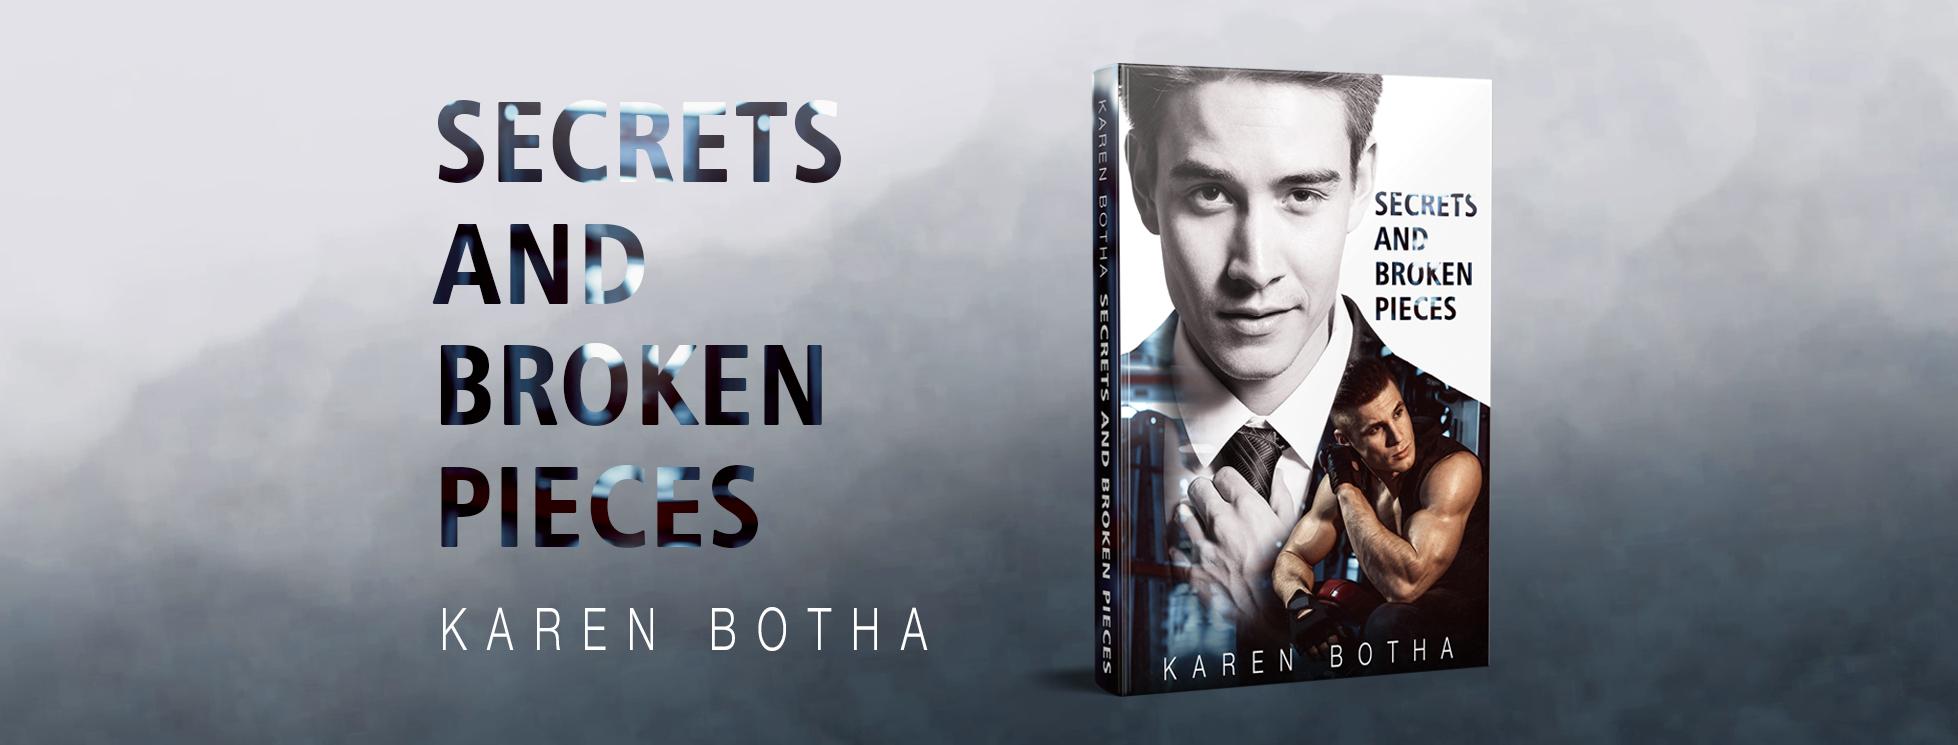 Release Blitz: Secrets and Broken Pieces by Karen Botha